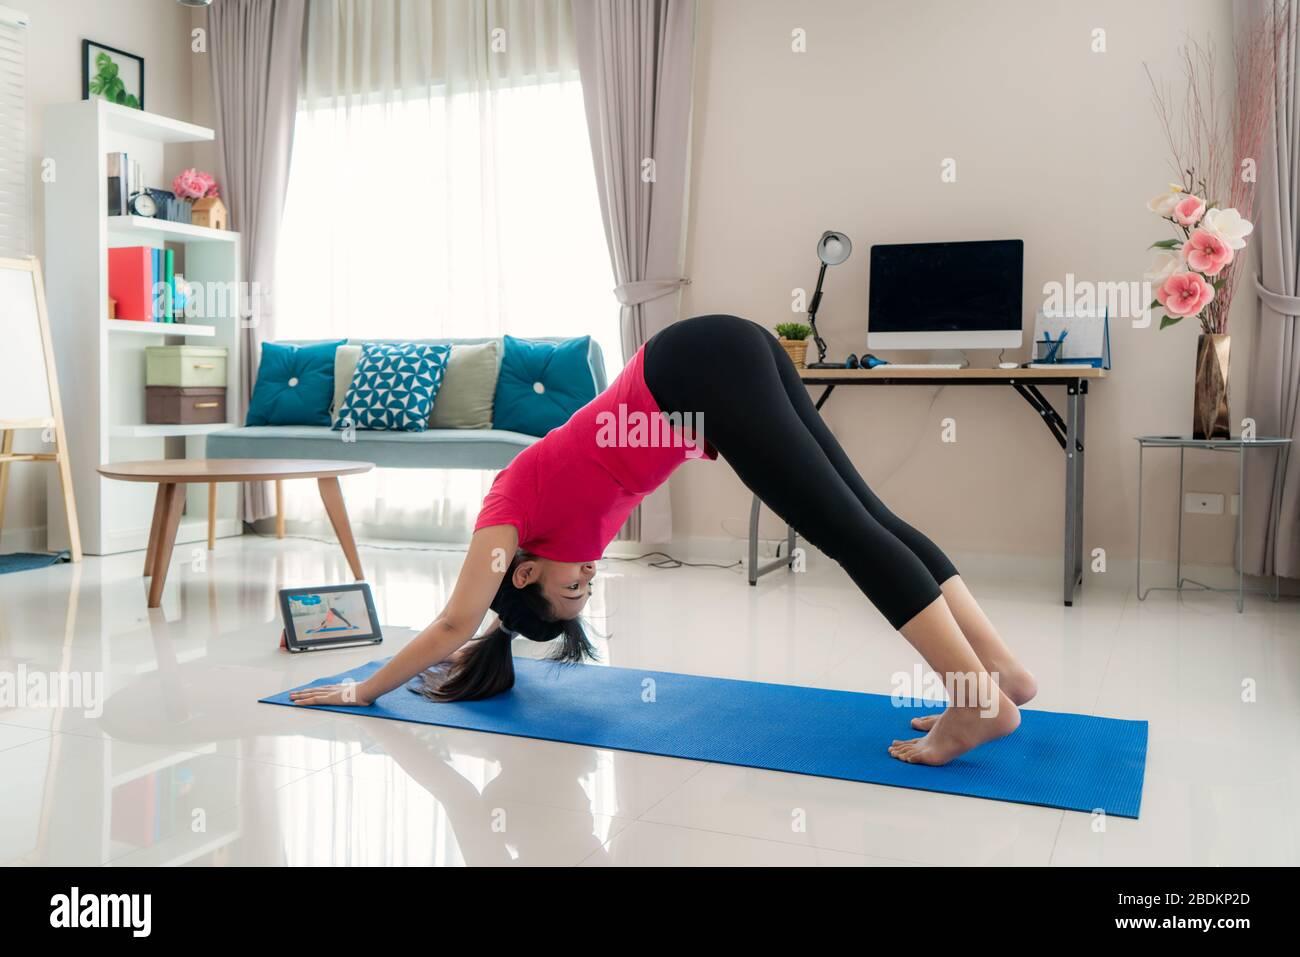 Mujer asiática haciendo ejercicio de yoga para alejarse de sus ordenadores para tomar descansos de ejercicios a mitad del día a través de las clases de videos de livestream en tabletas digitales d Foto de stock